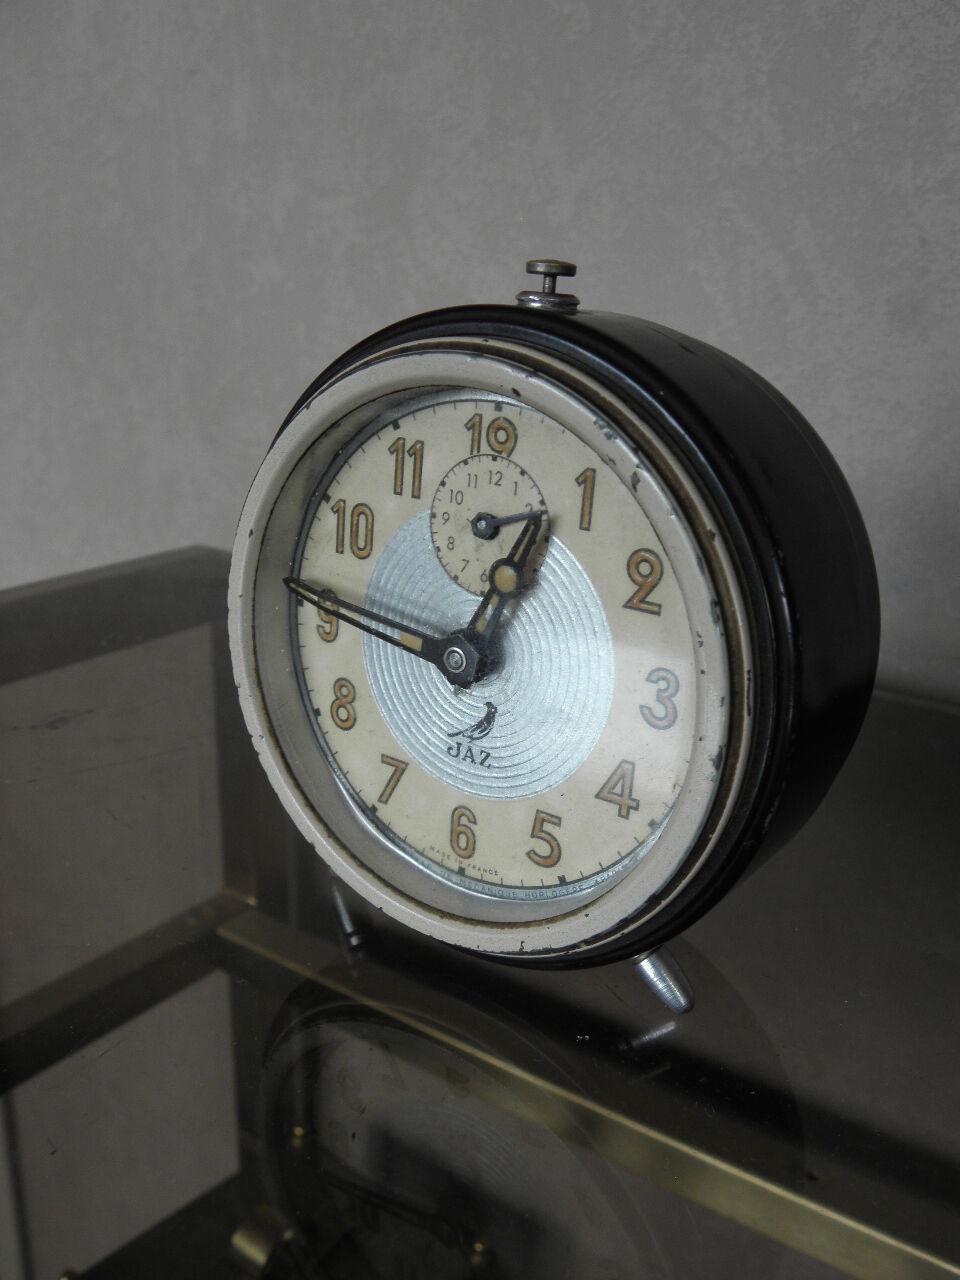 vintage clock alarm jaz retro desk art deco design mechanics uhr old french picclick uk. Black Bedroom Furniture Sets. Home Design Ideas